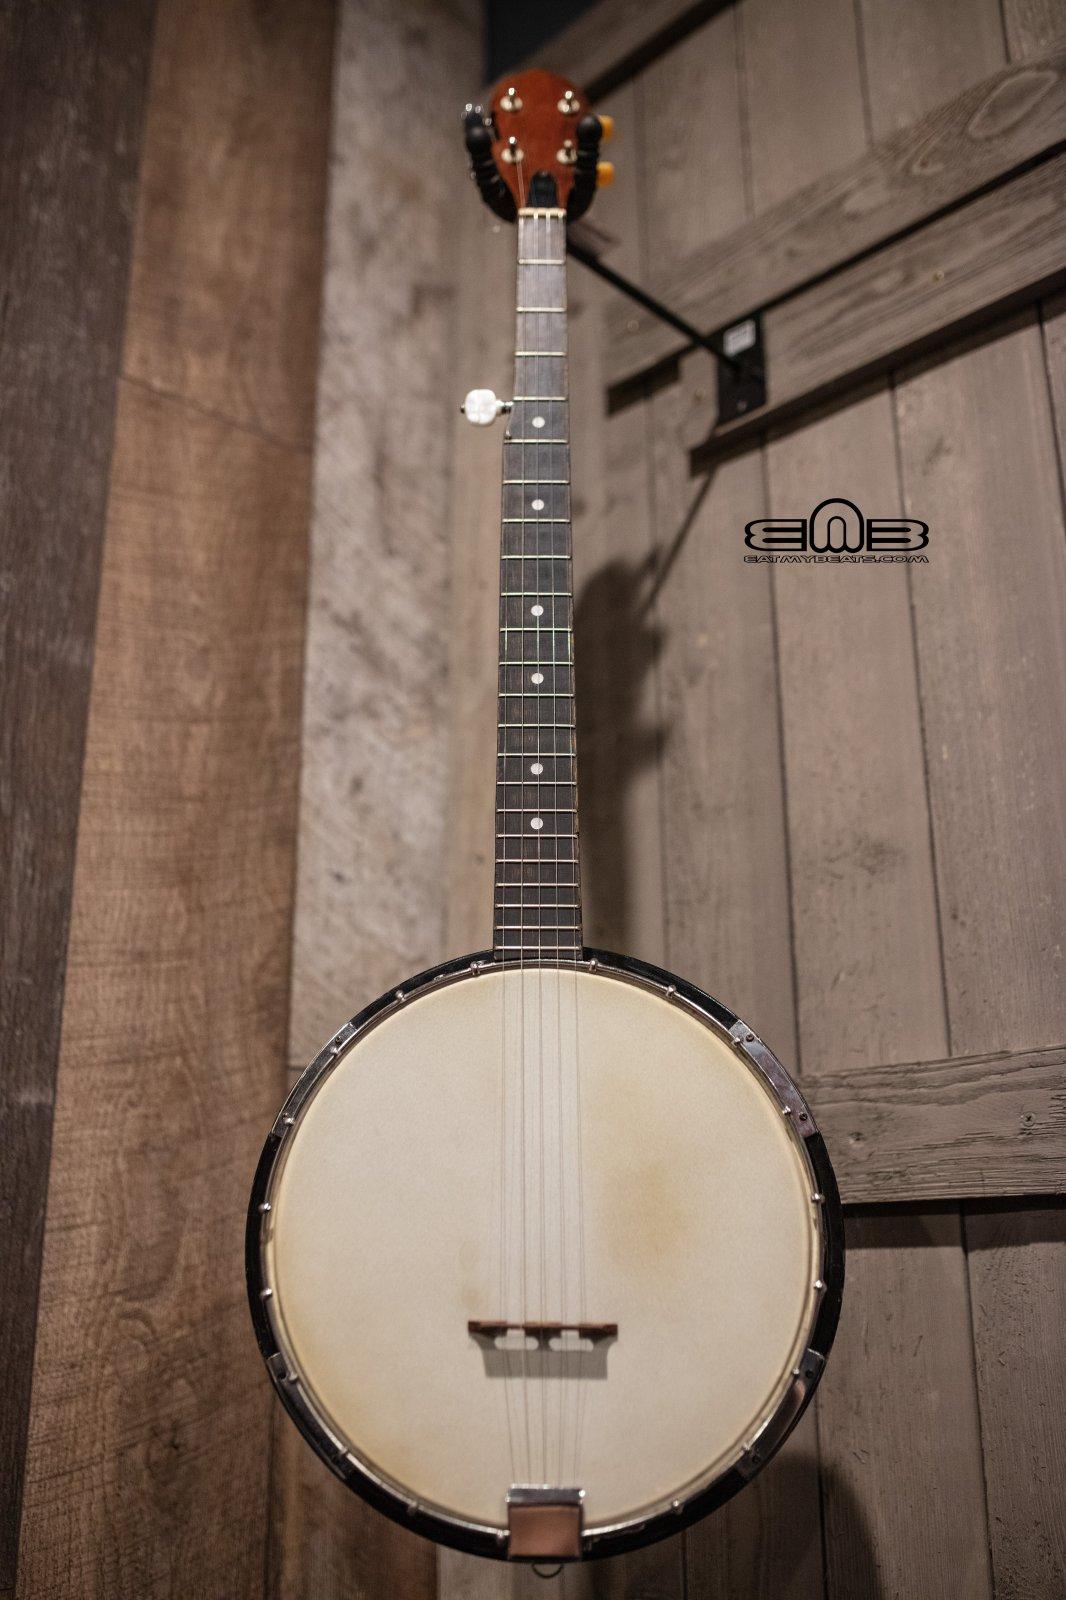 Banjo, Generic 5 String Used